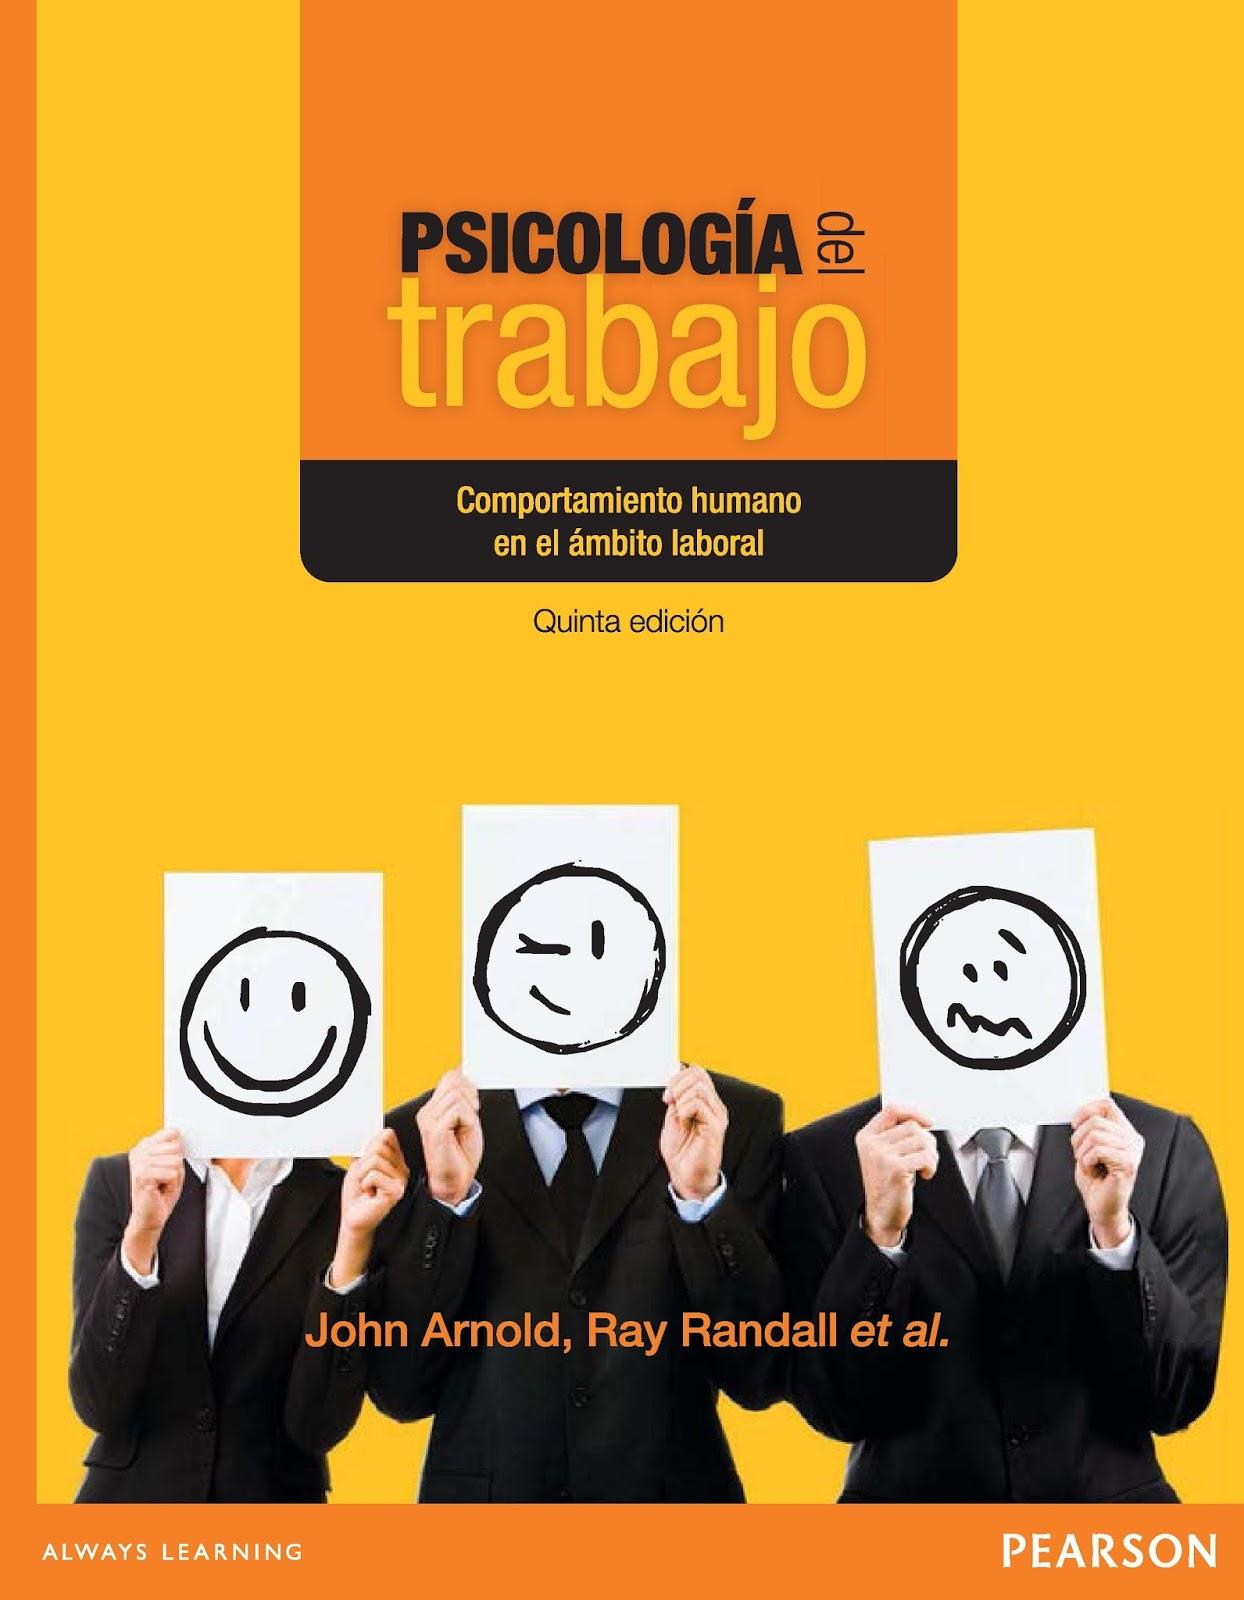 Psicología del trabajo: Comportamiento humano en el ámbito laboral, 5ta. Edición – John Arnold